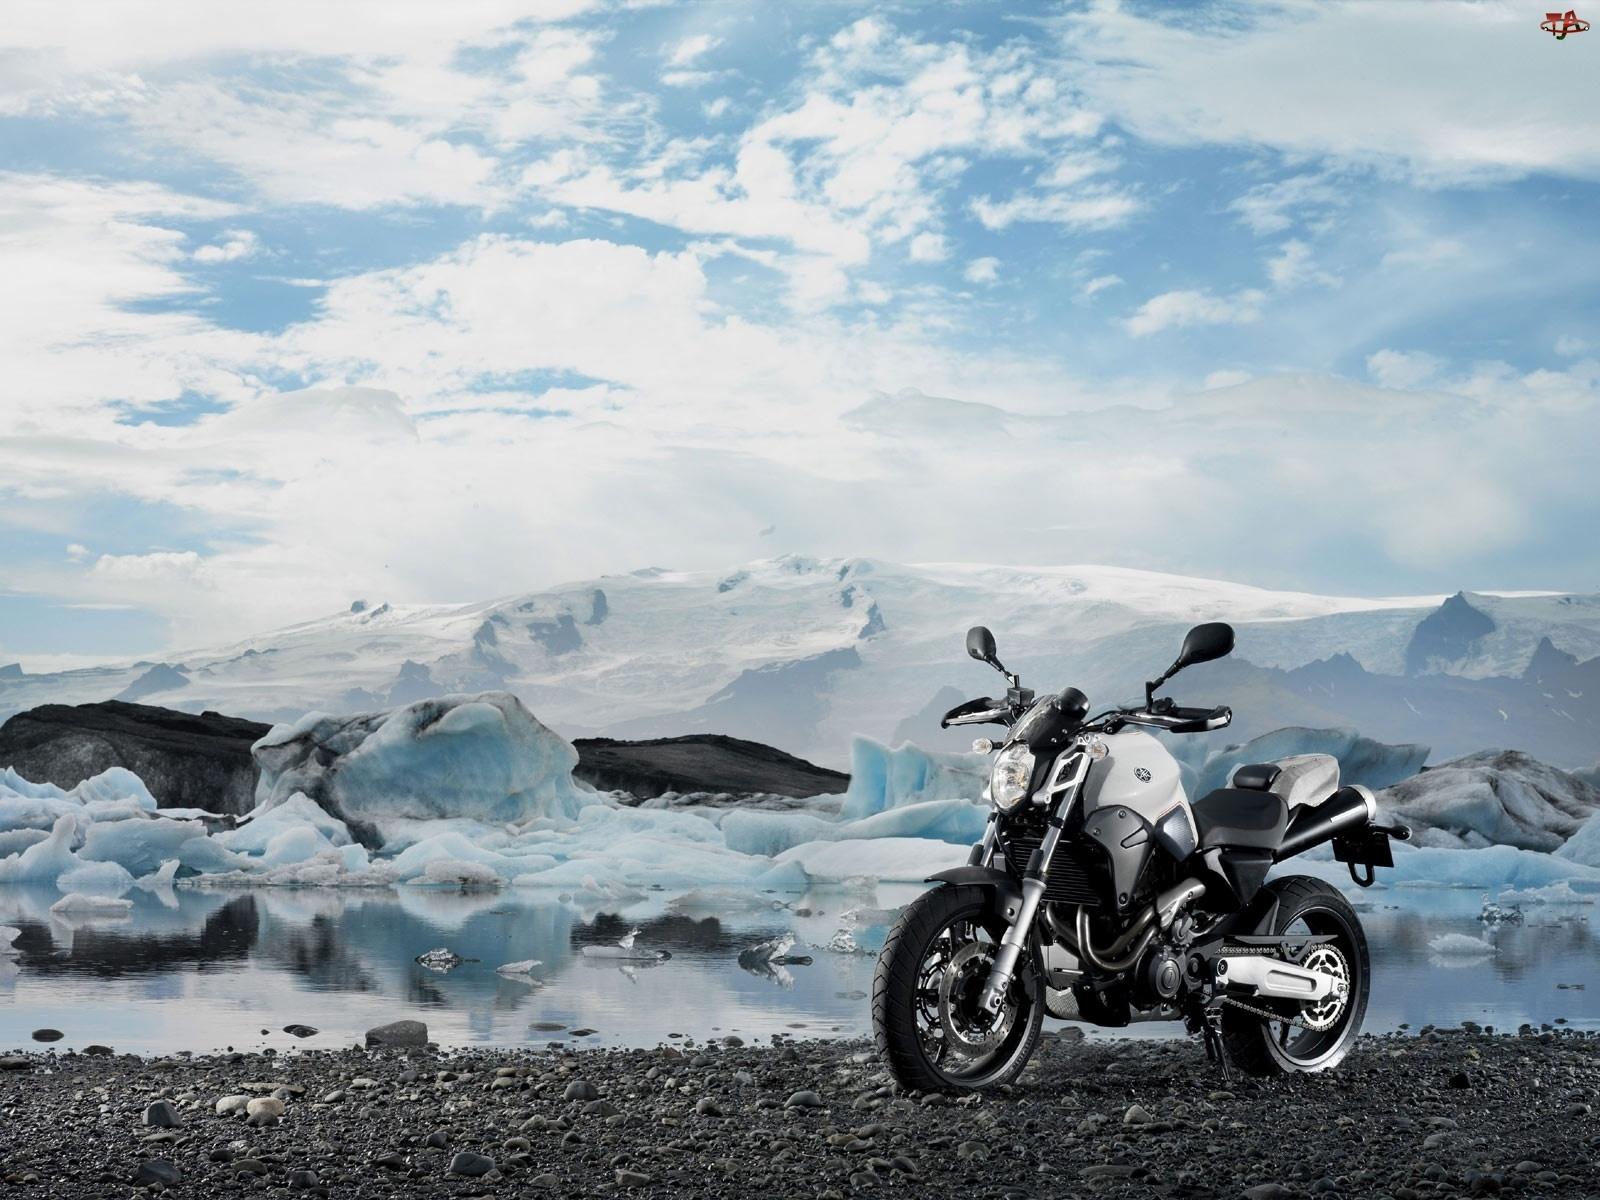 Yamaha MT-03, Miejski, Motocykl